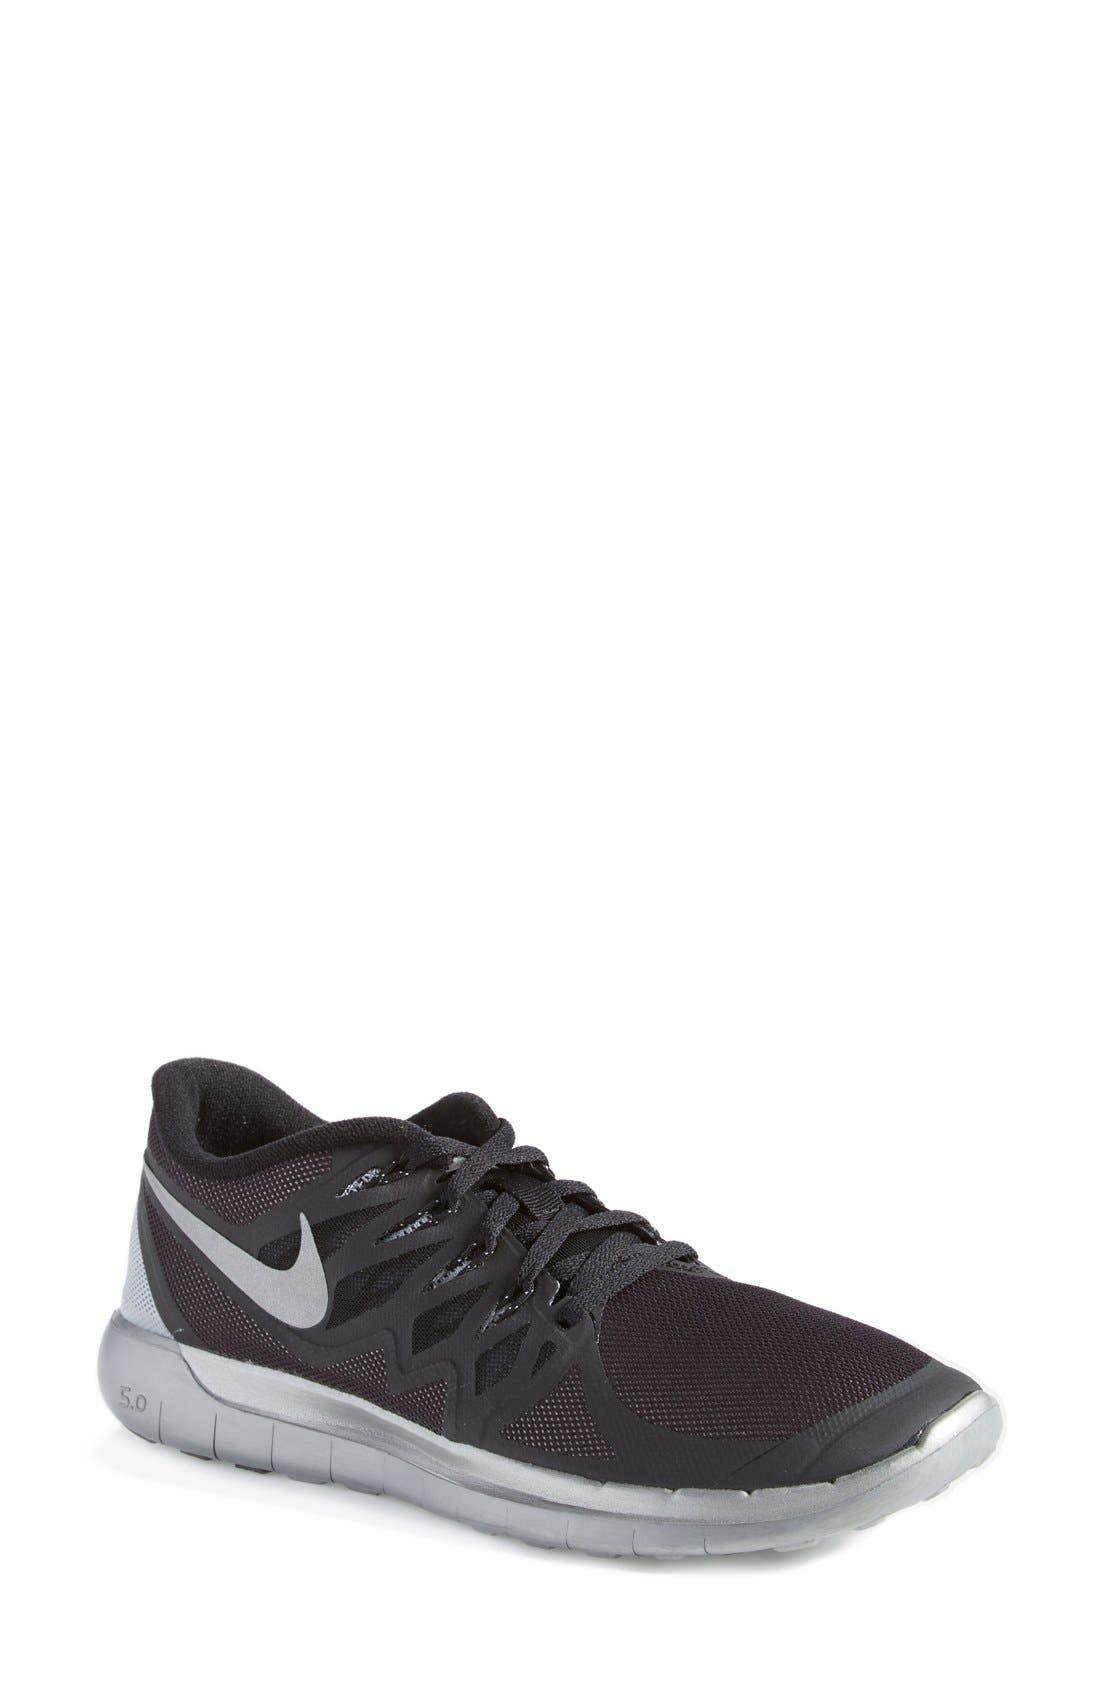 Alternate Image 1 Selected - Nike 'Free 5.0 Flash' Running Shoe (Women)